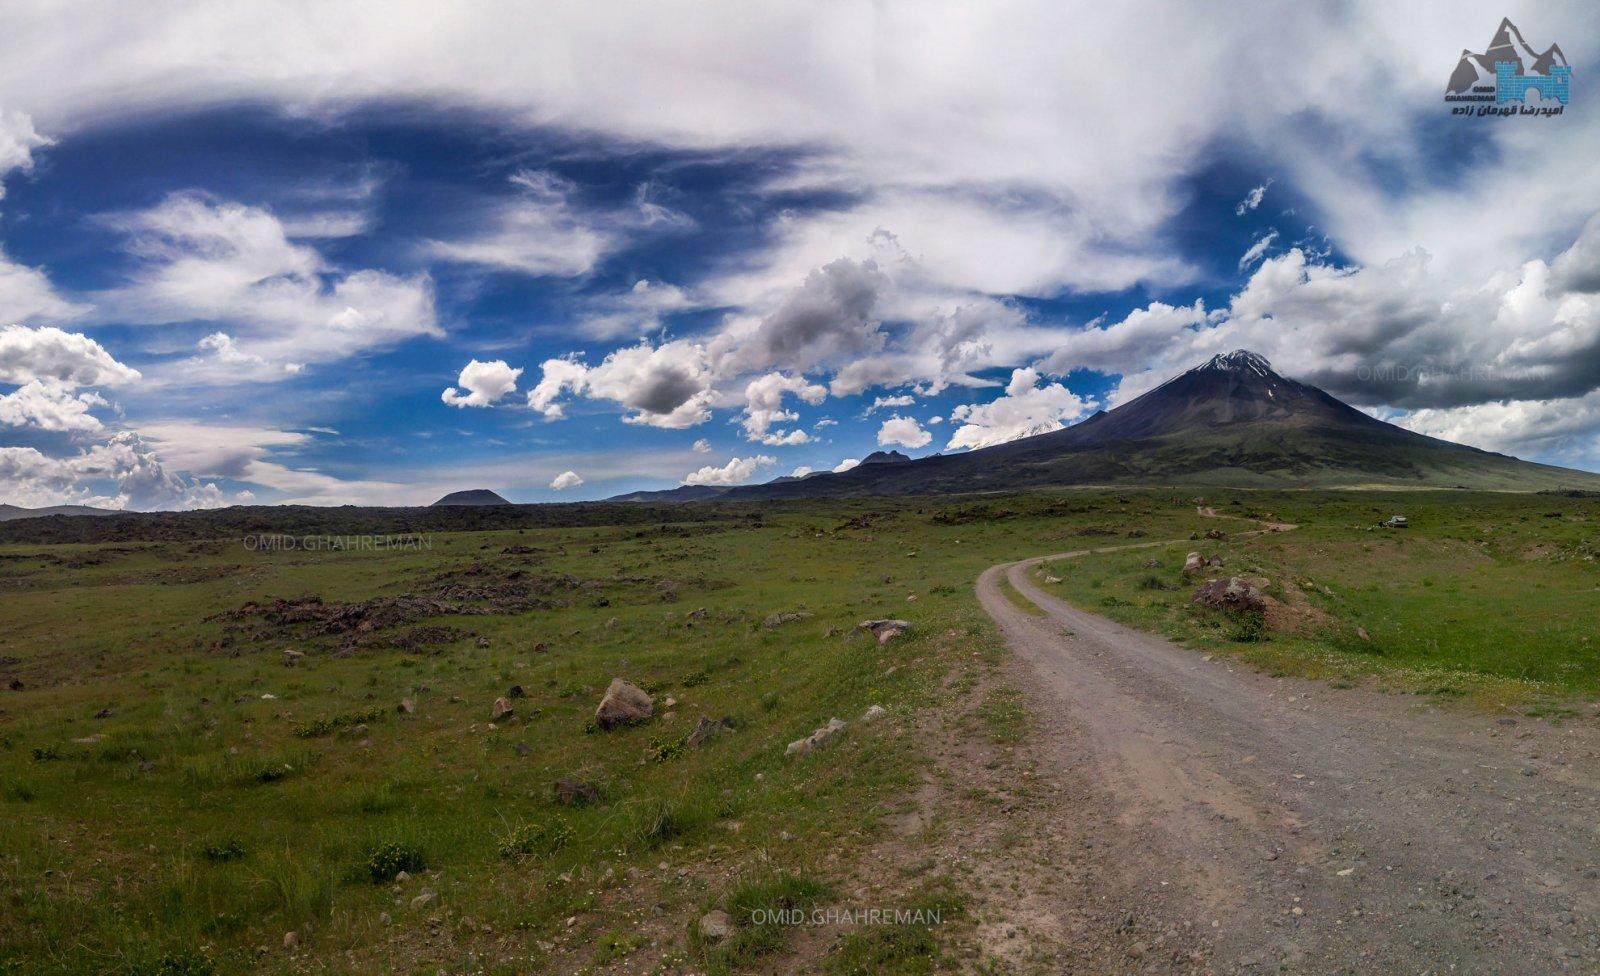 راهی به سوی کوههای آرارات